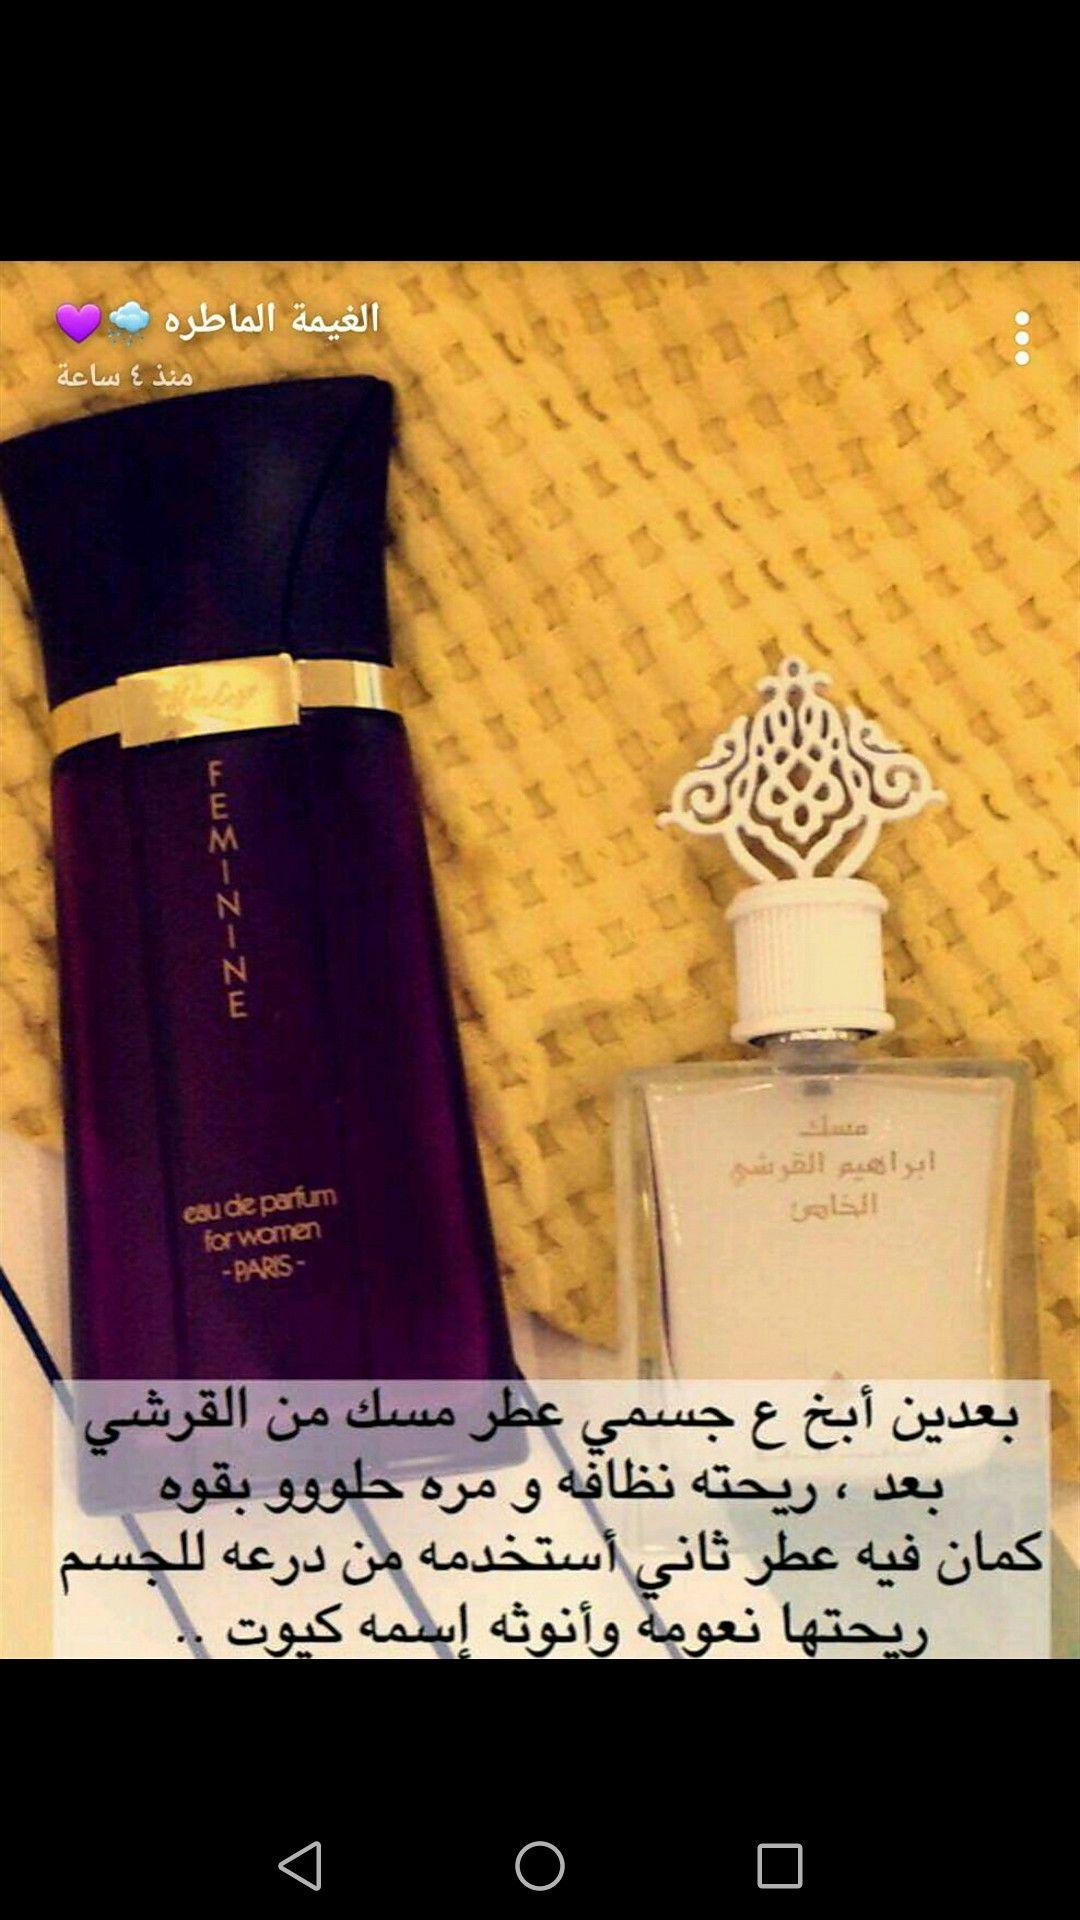 مسك ابراهيم القرشي عطر أنوثة من درعه سوا على أماكن النبض Lovely Perfume Feminine Fragrance Skin Care Remedies